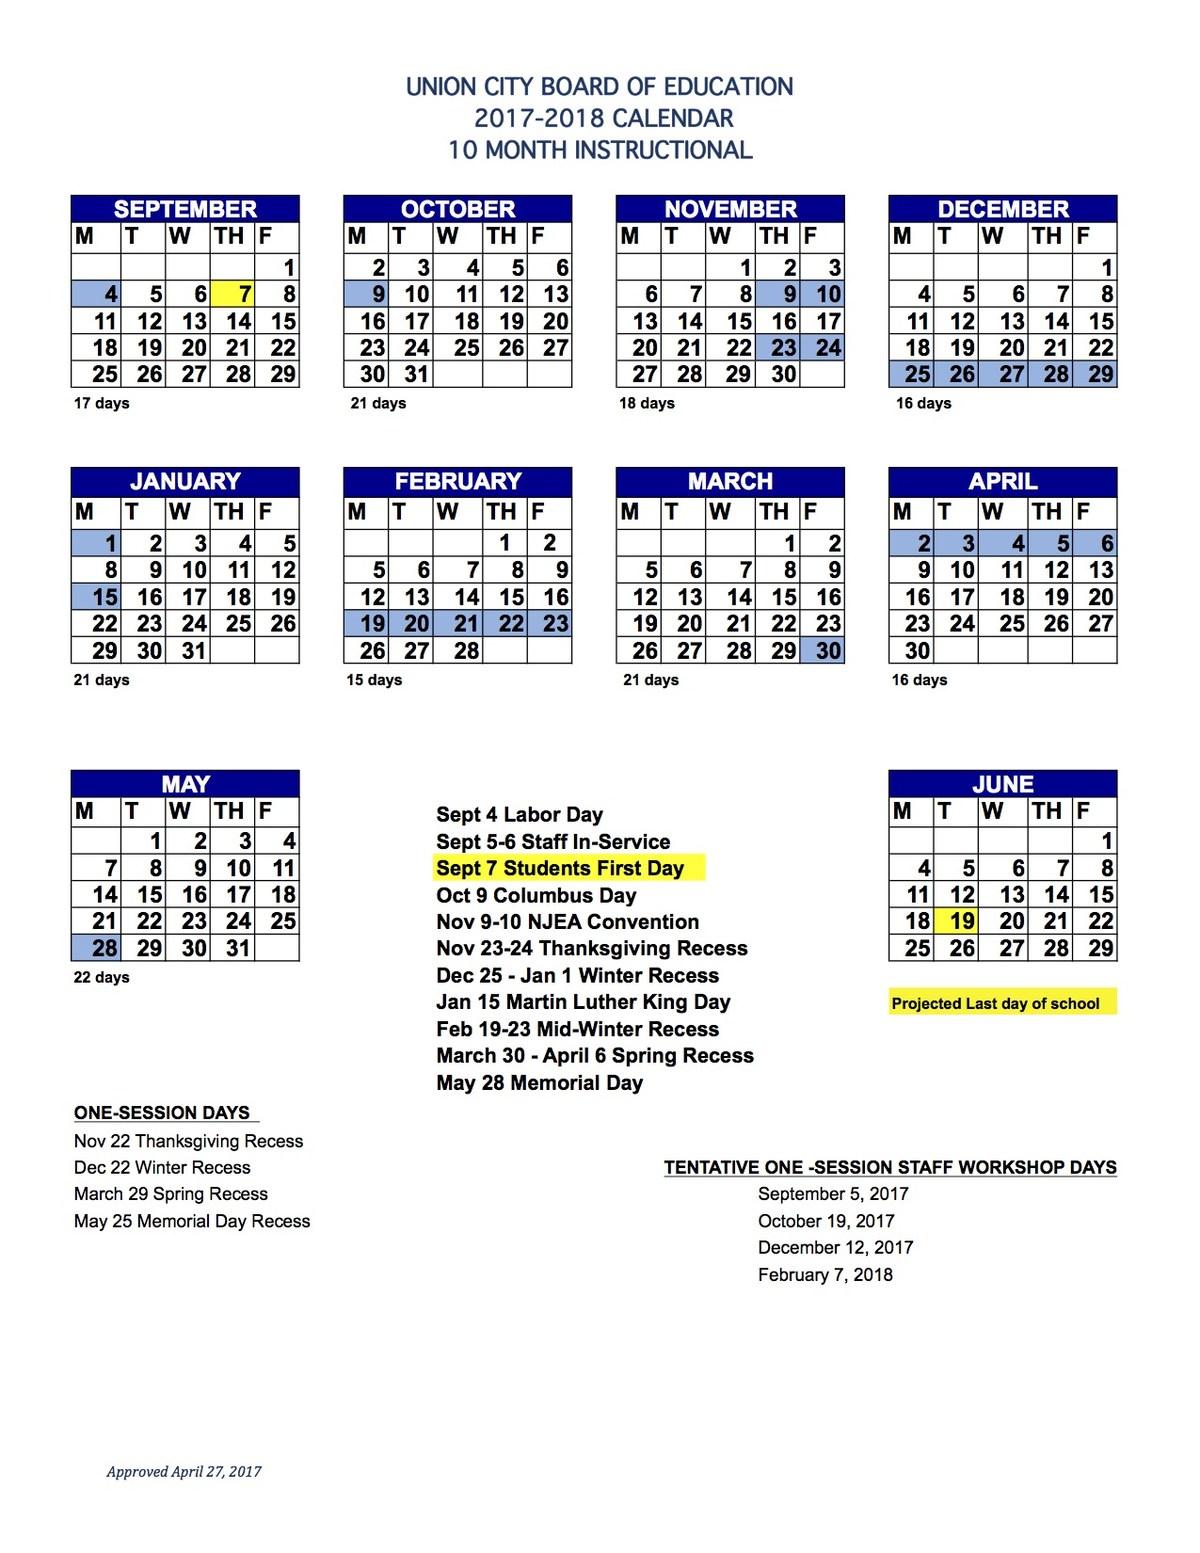 10 Month Instructional Calendar